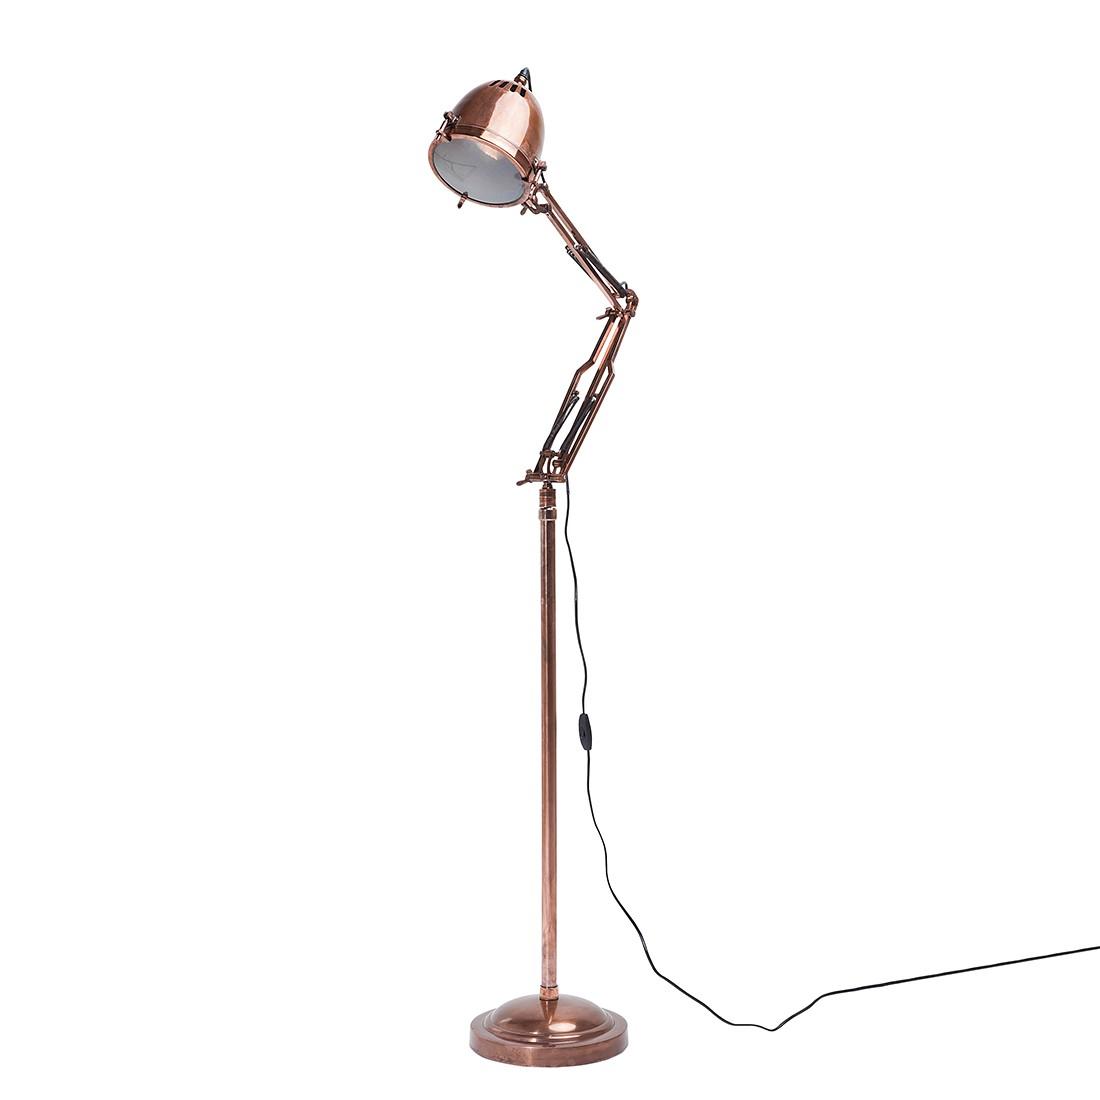 EEK A++, Lampadaire Rifugio - Métal Marron 1 ampoule, Kare Design